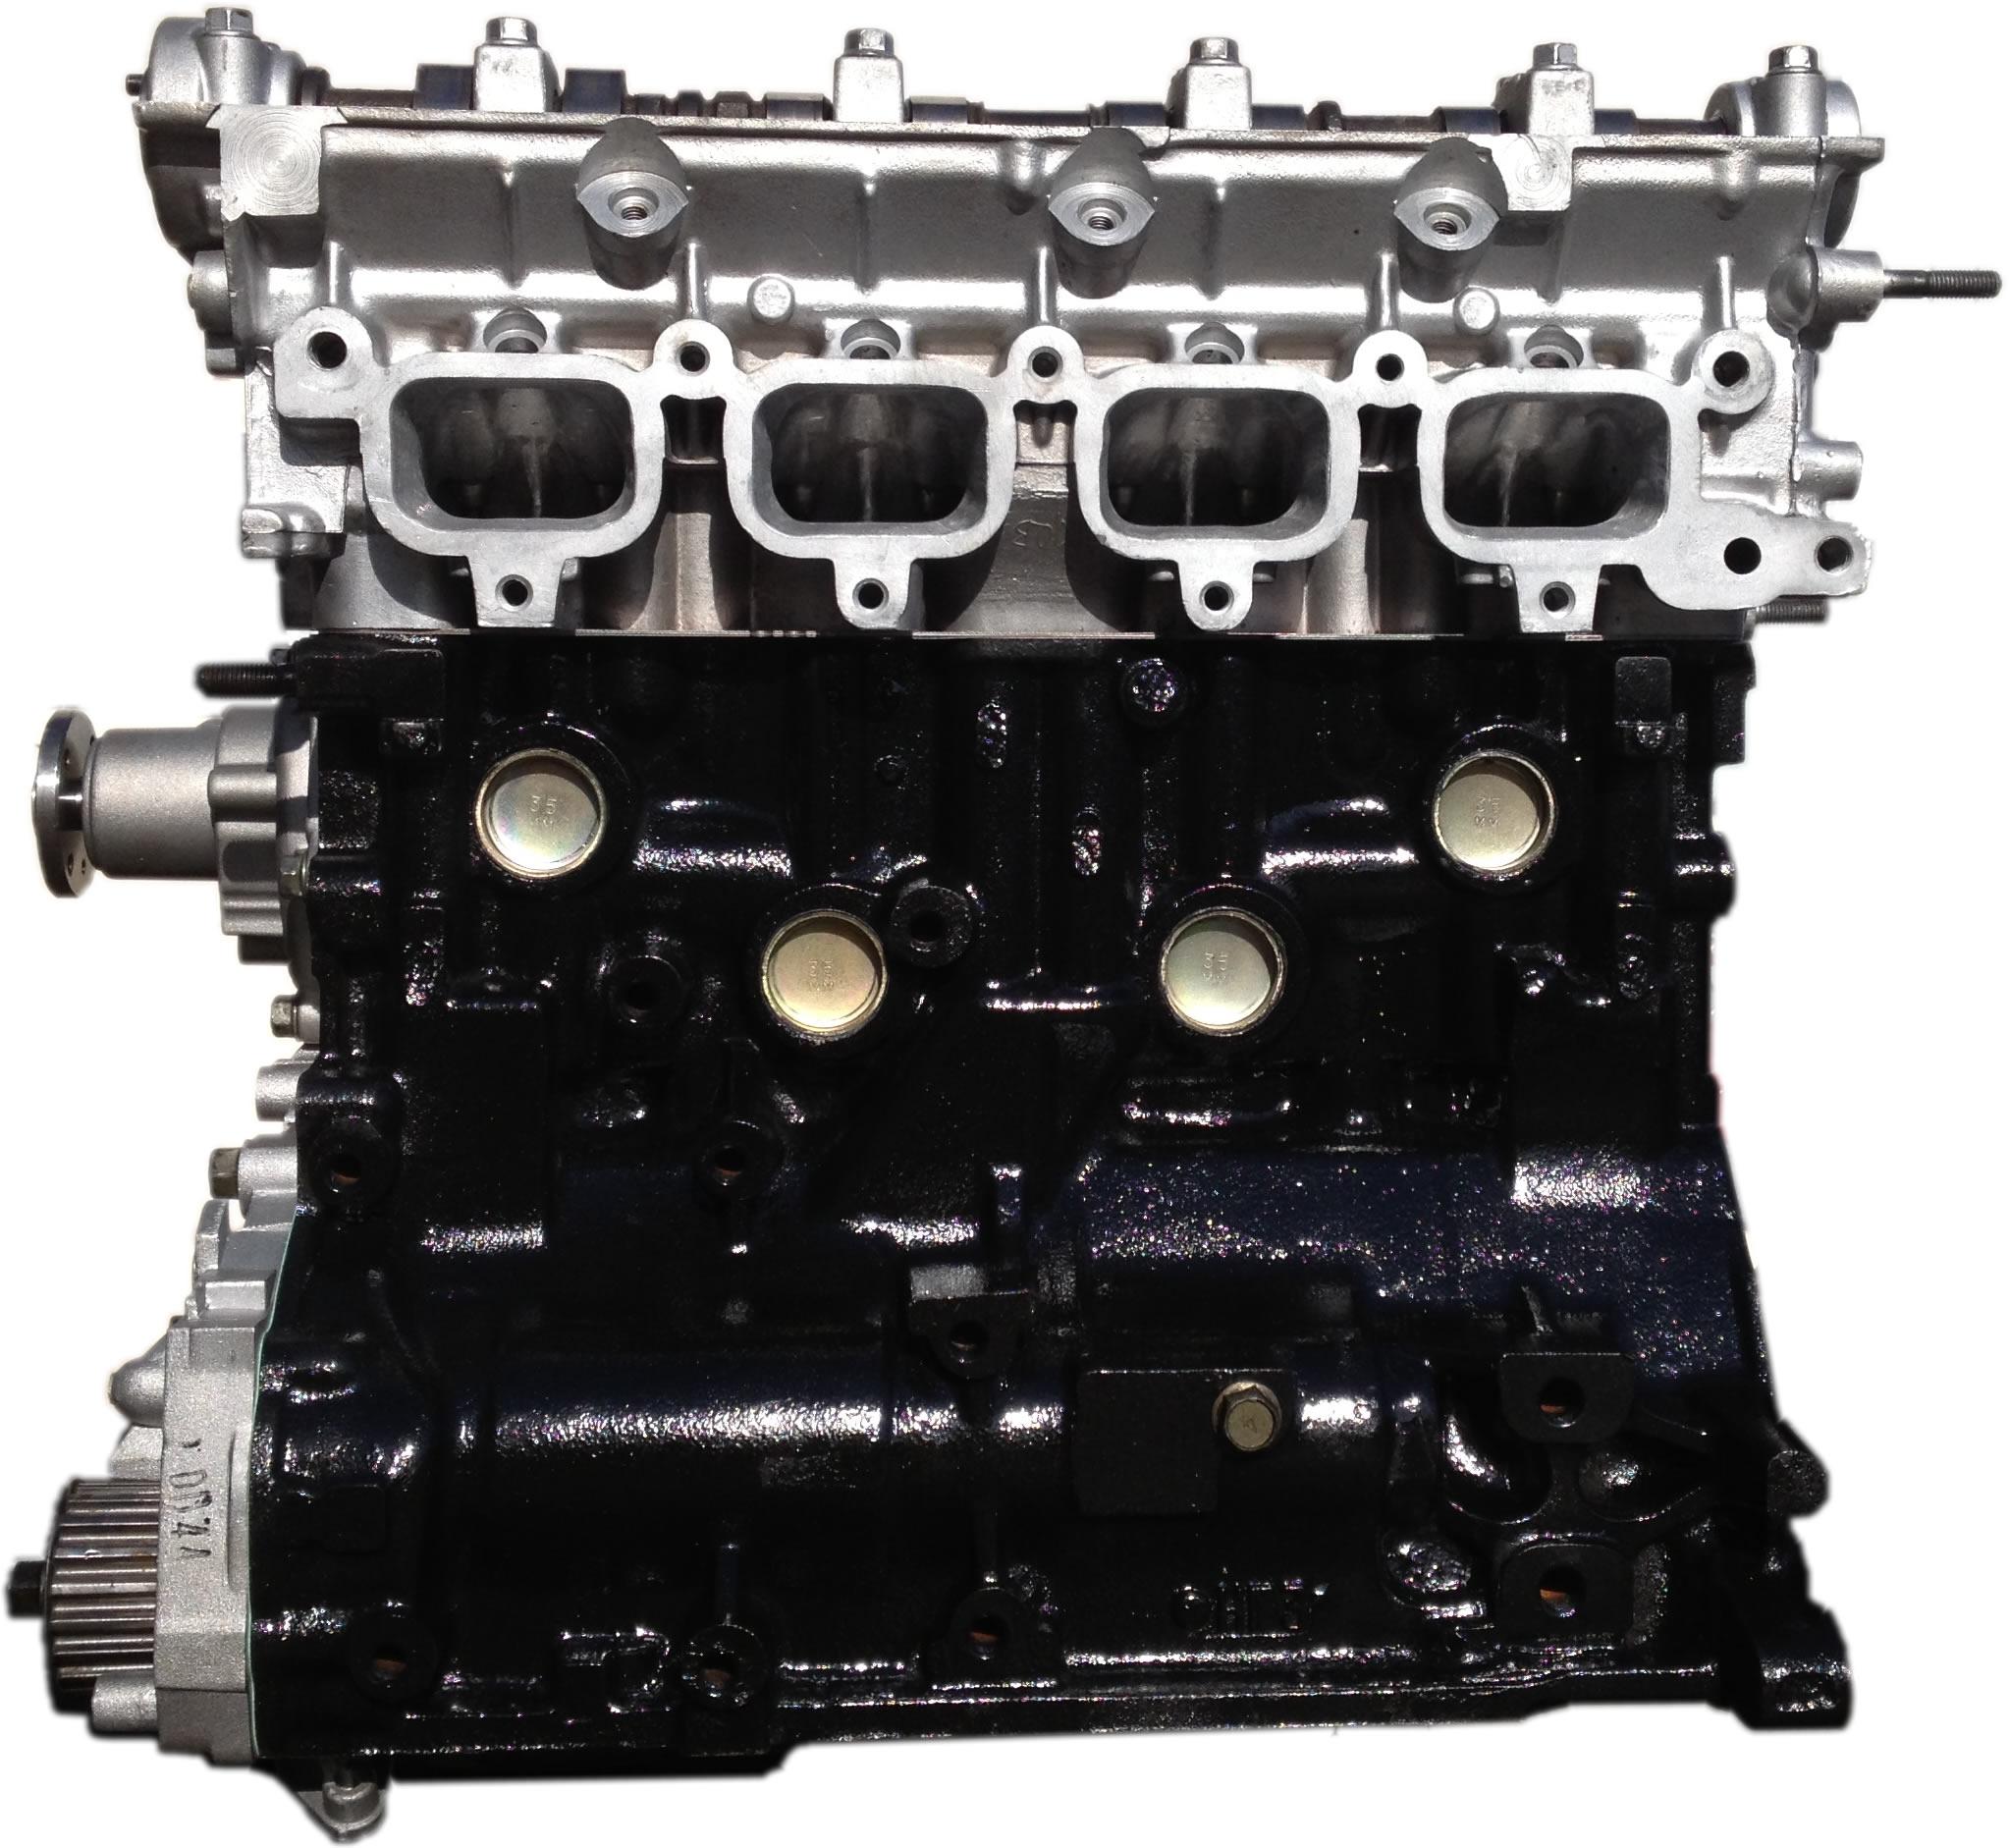 2 0l Engine: Rebuilt 90-92 Eagle Talon 2.0L DOHC 4G63 6bolt Turbo